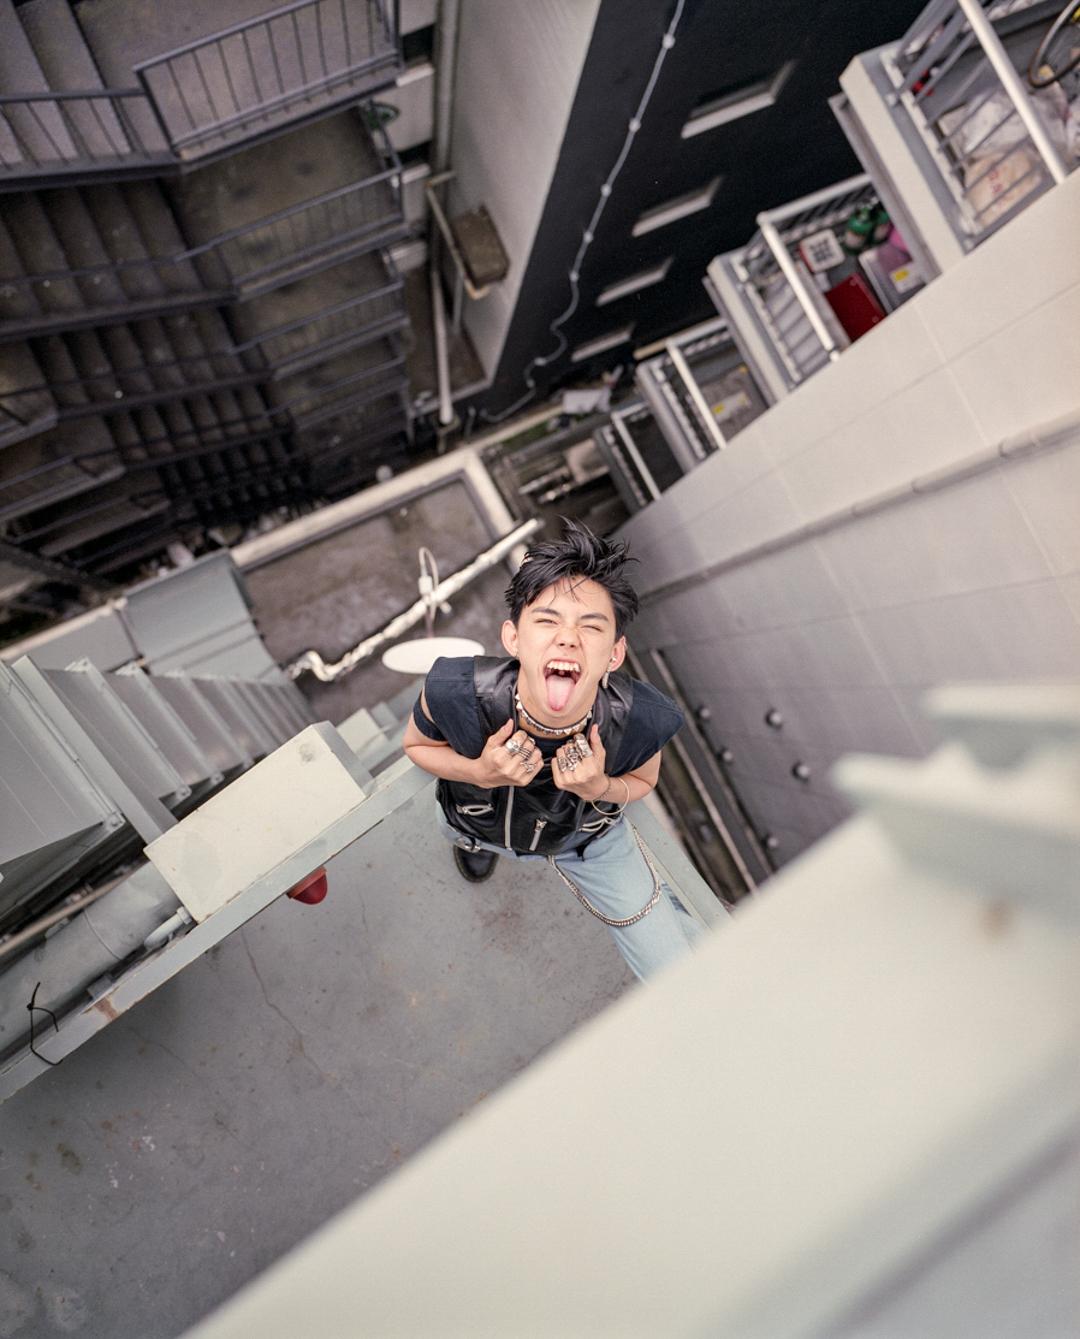 Shota having fun in Harajuku